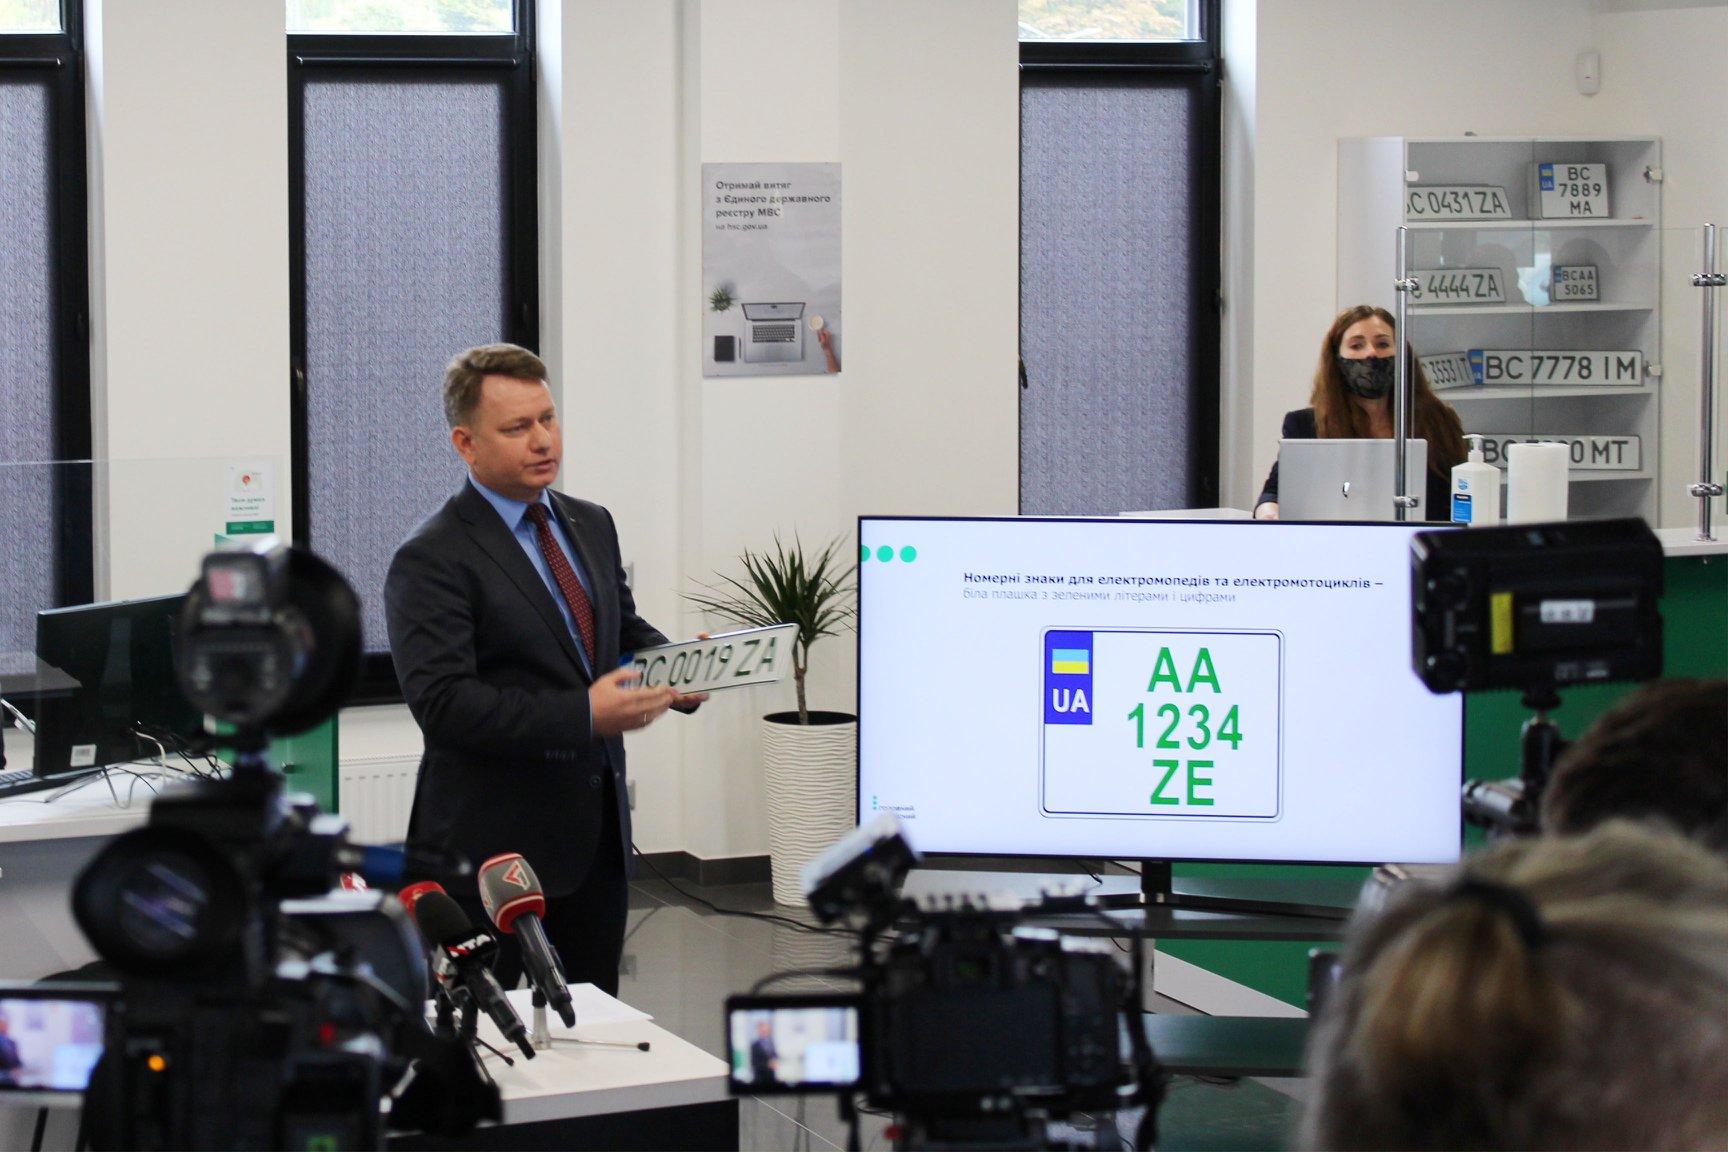 В Украине будут выдавать номера зеленого цвета